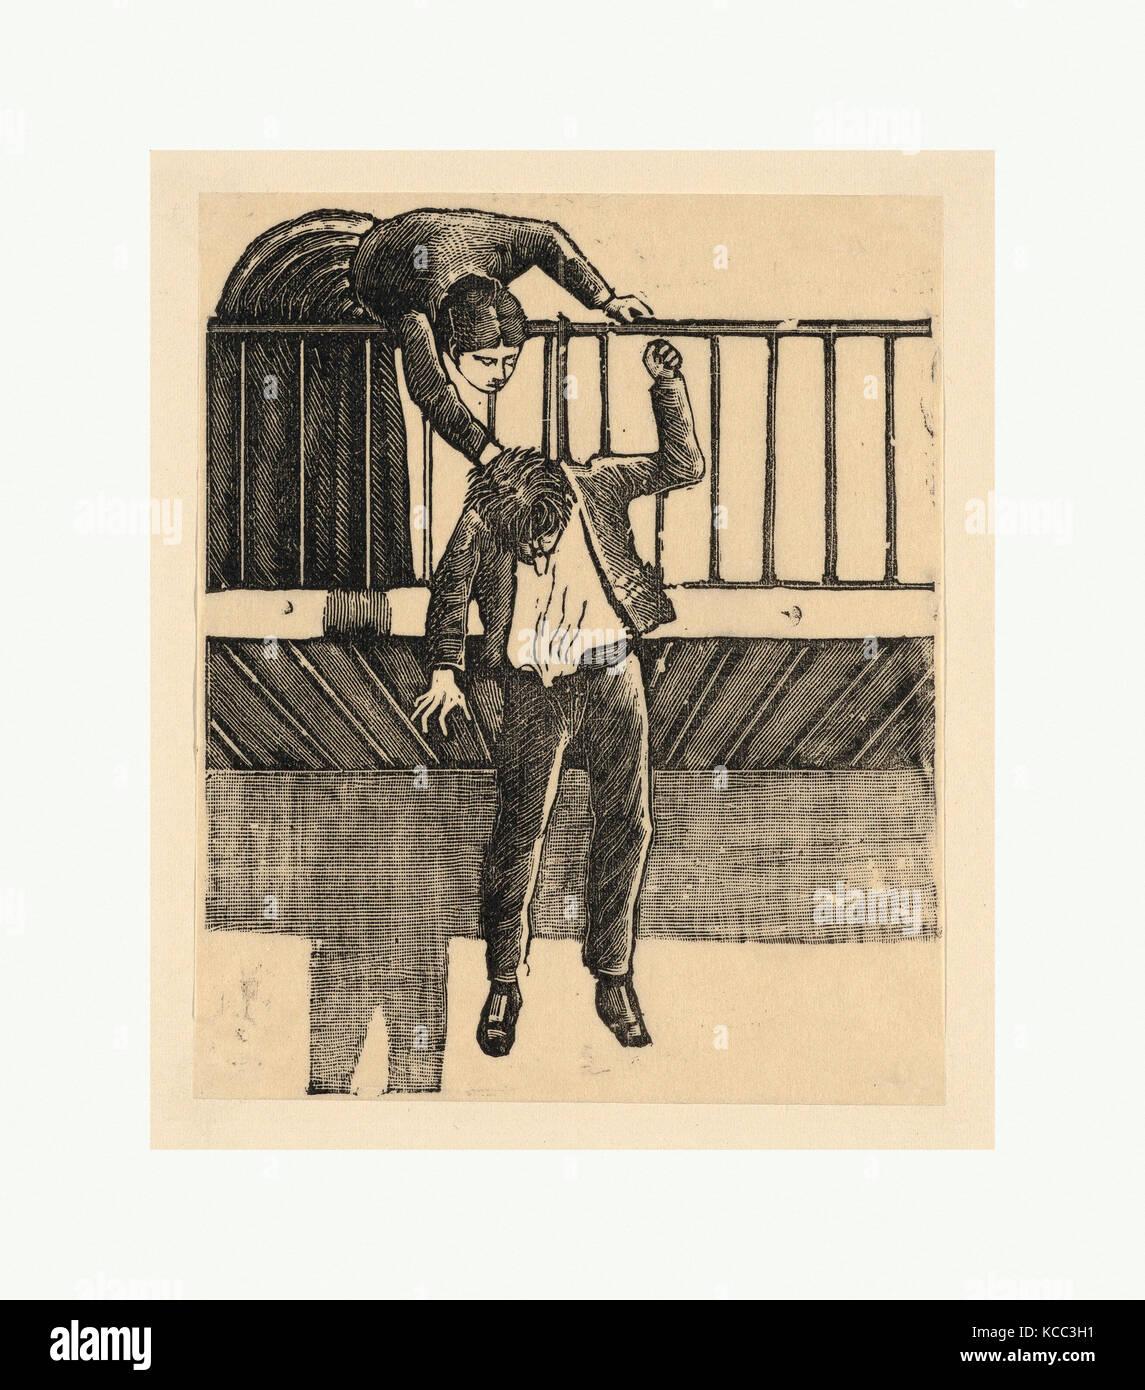 Zeichnungen und Drucke, Drucken, eine Frau, ein Mann, der Selbstmord, indem er sich von einem Balkon begangen hat. Stockbild